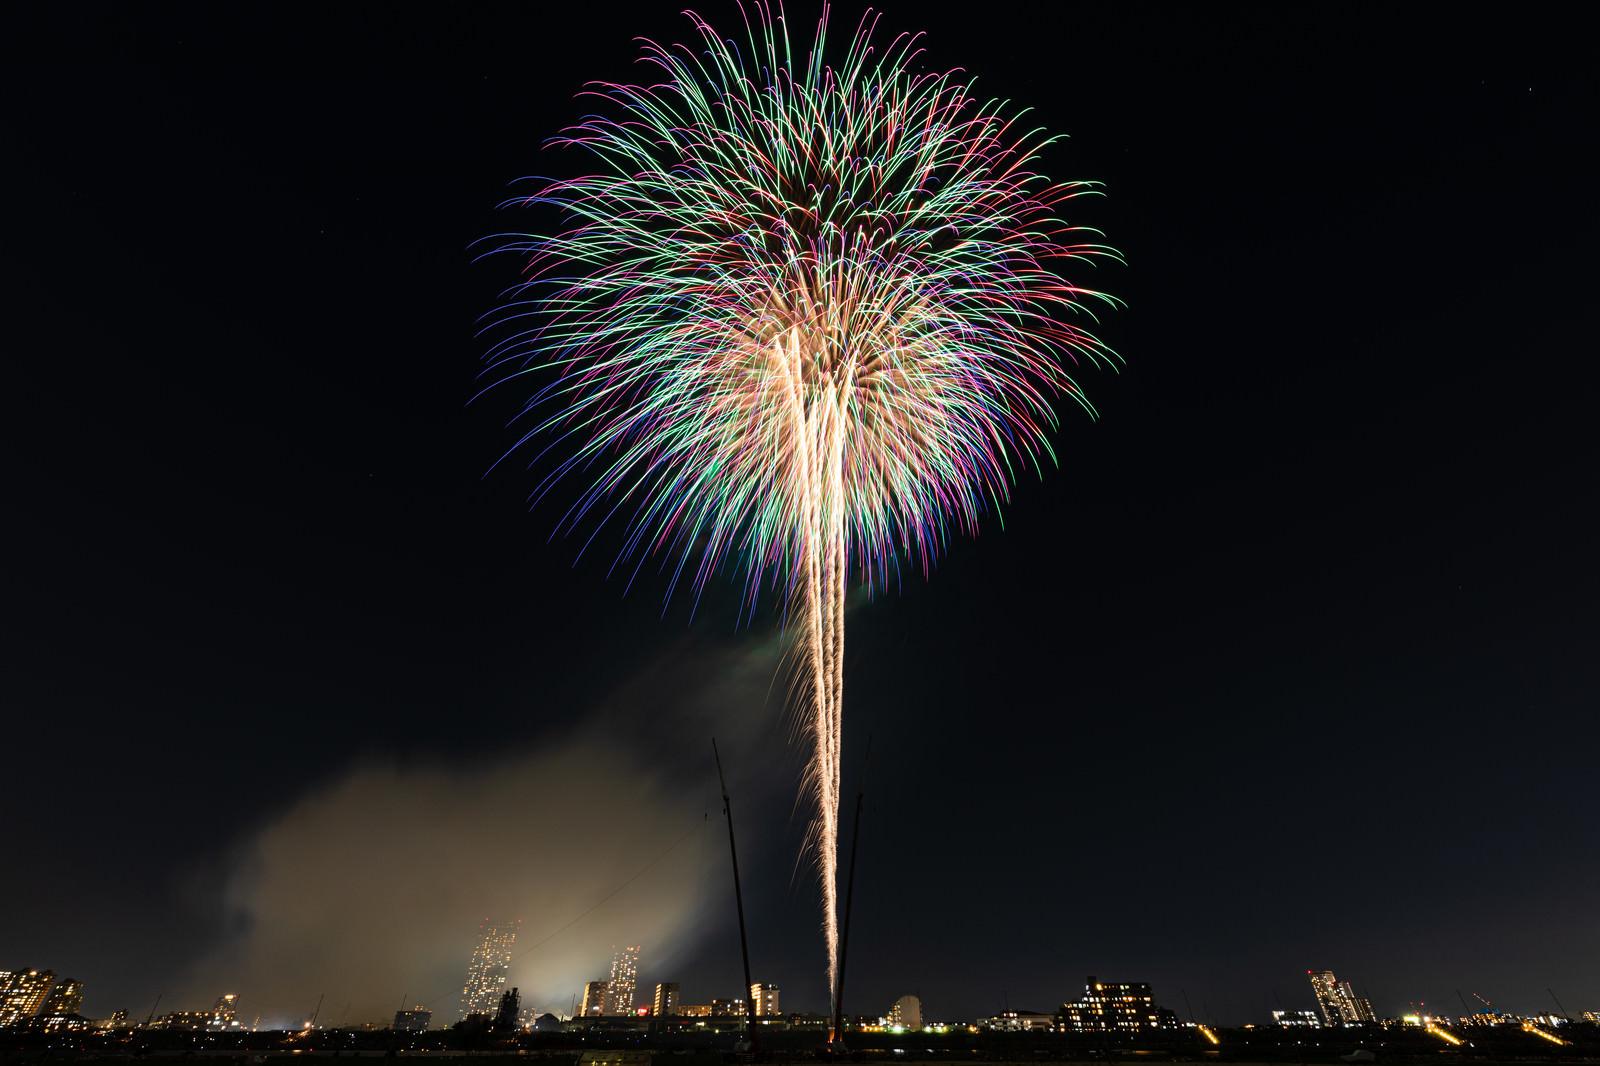 「風が吹いて少しだけ光跡が流れる打上花火」の写真